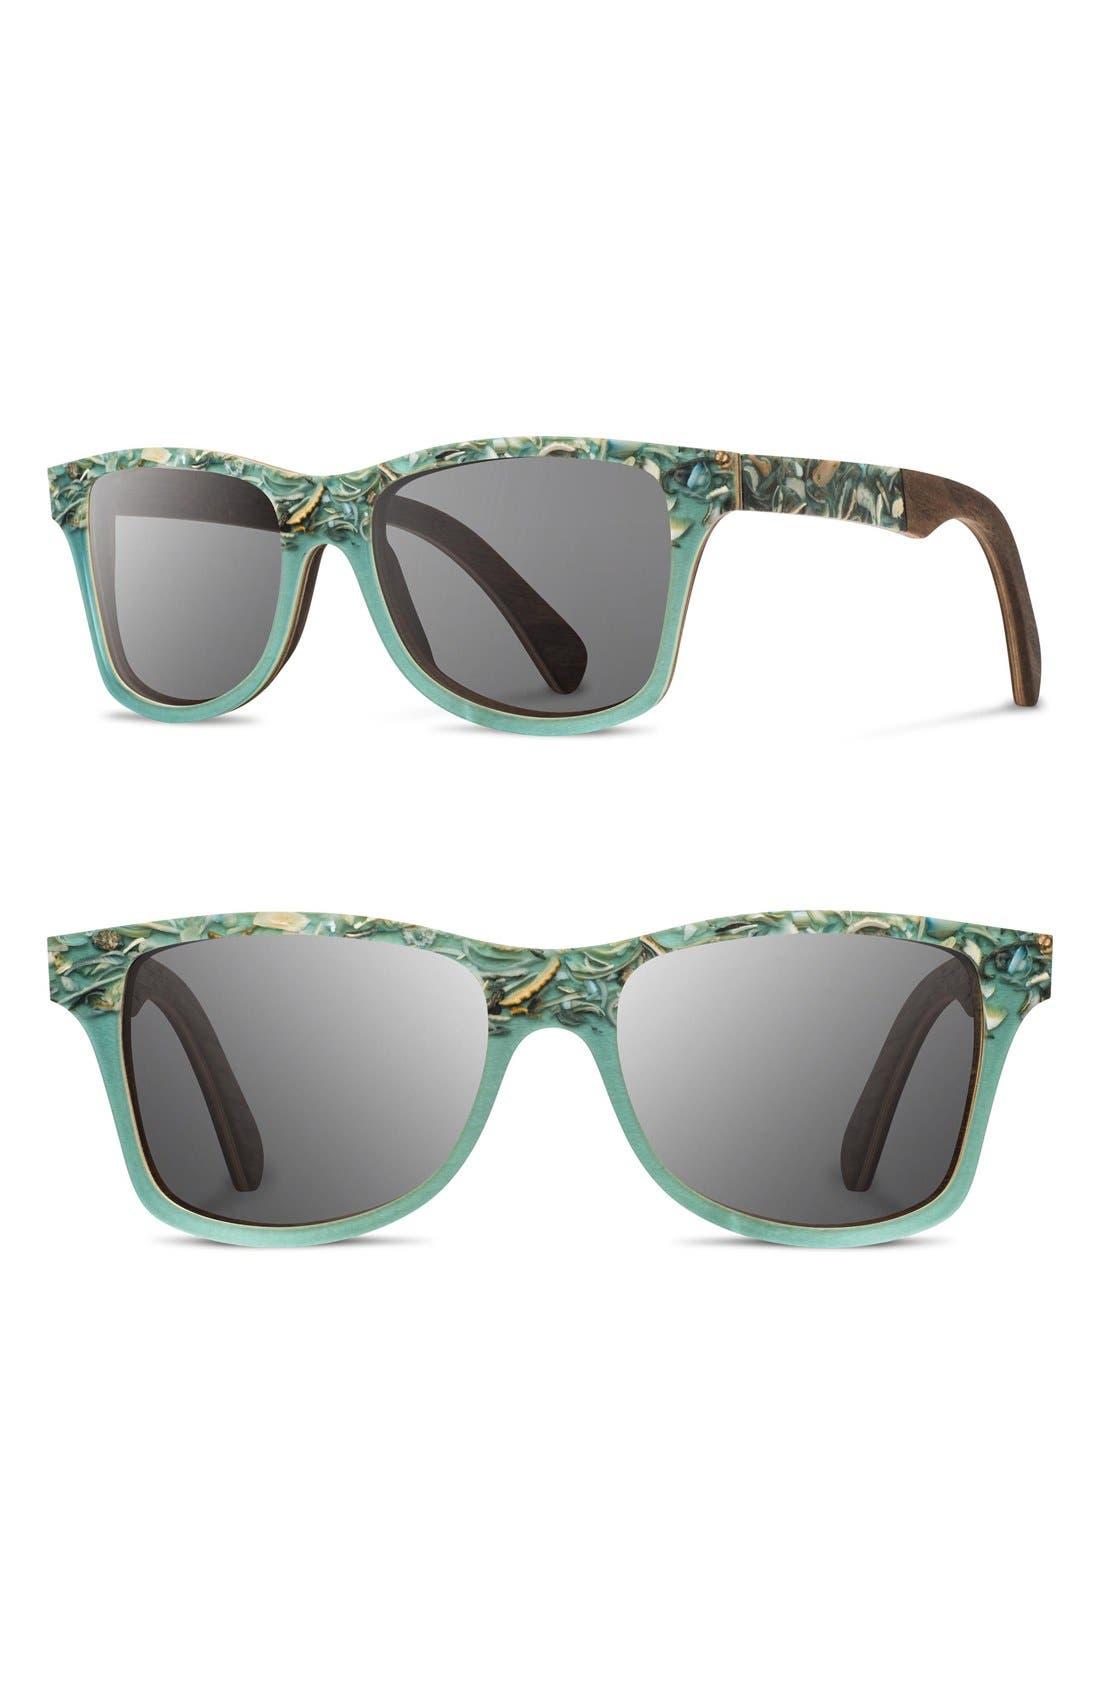 Main Image - Shwood 'Canby' 55mm Polarized Seashell & Wood Sunglasses